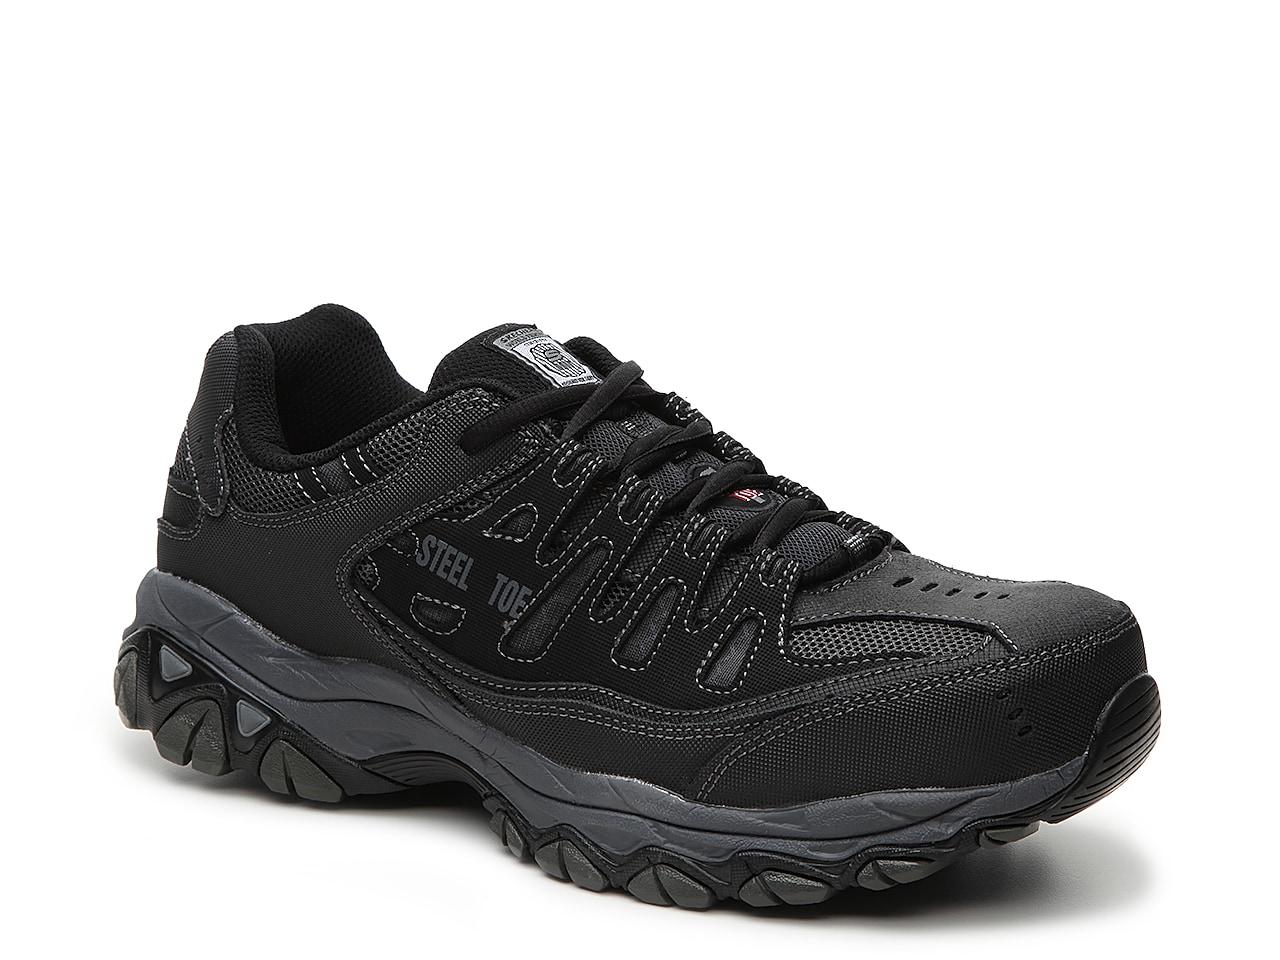 Skechers Relaxed Fit Cankton Steel Toe Sneaker